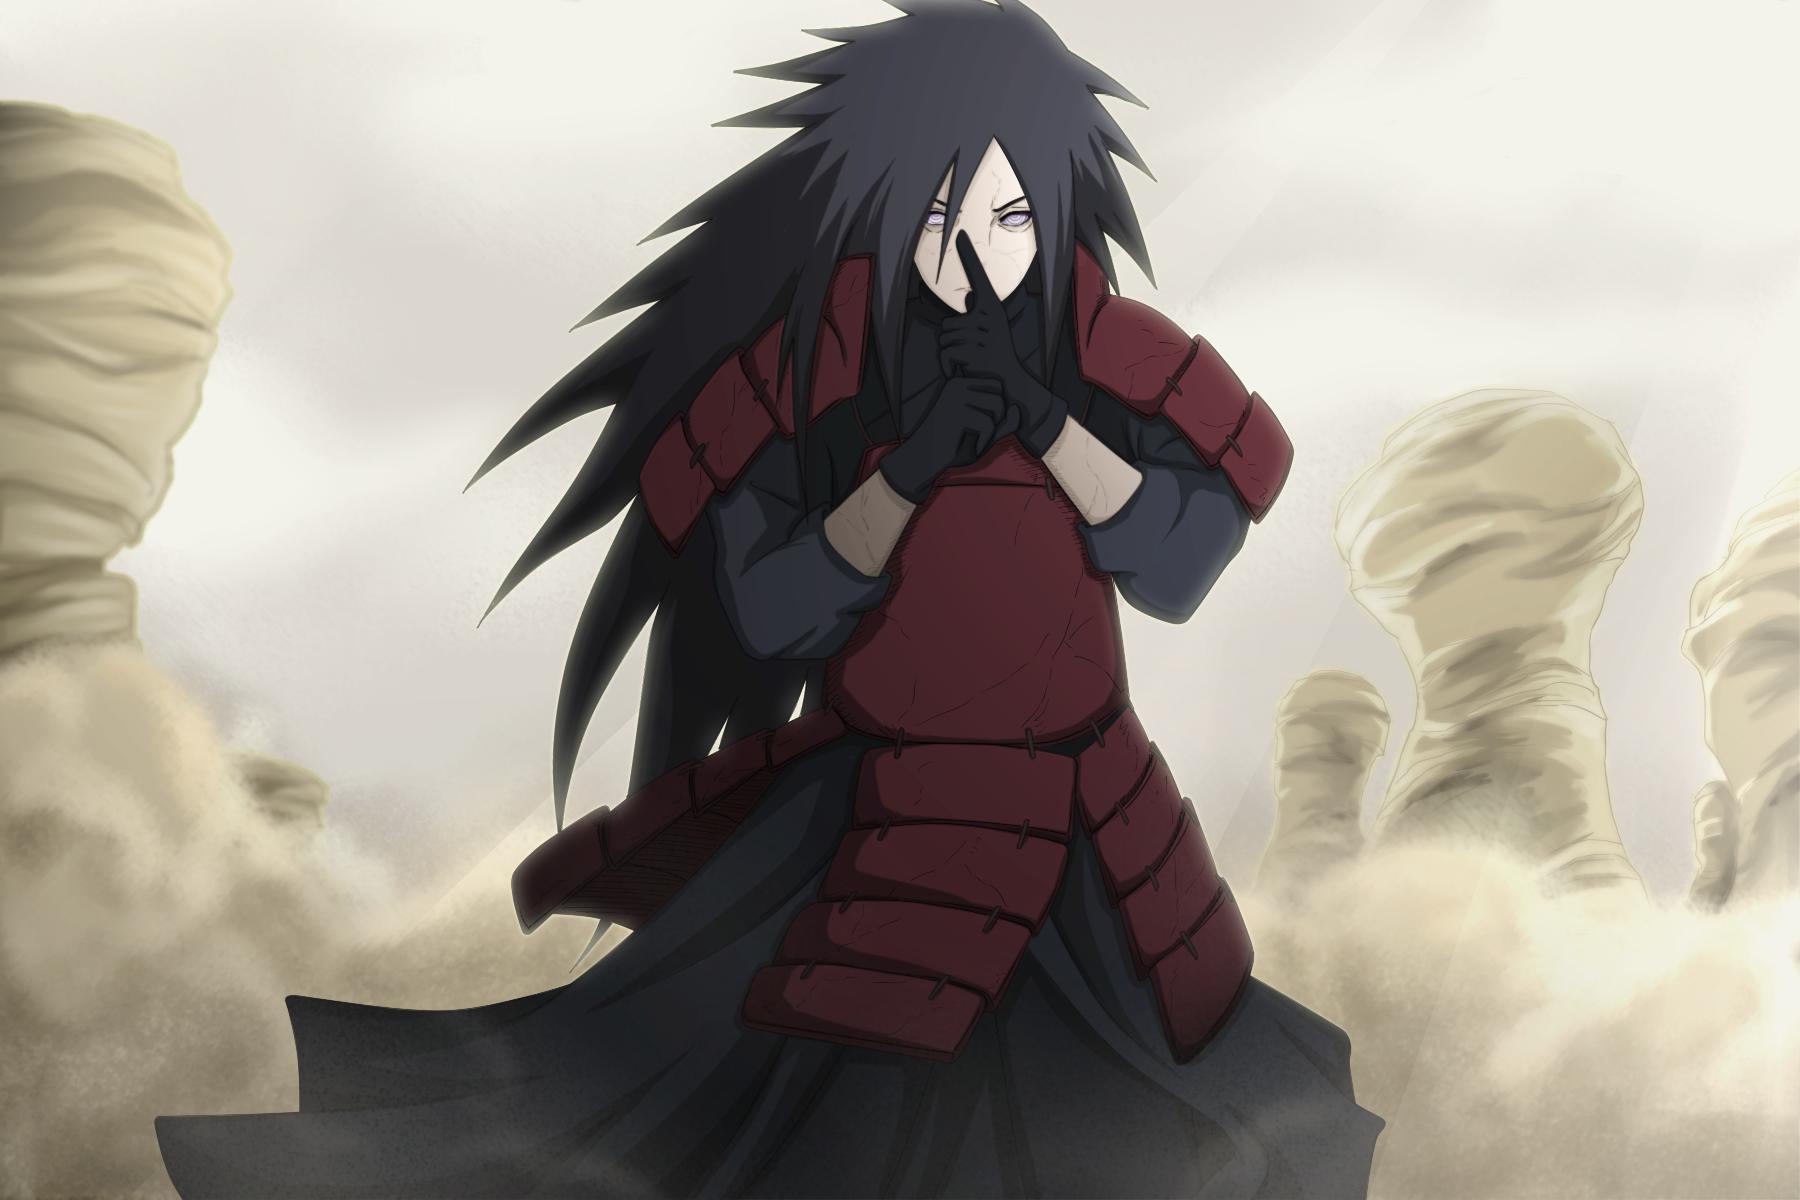 uchiha madara vs sasuke - photo #33